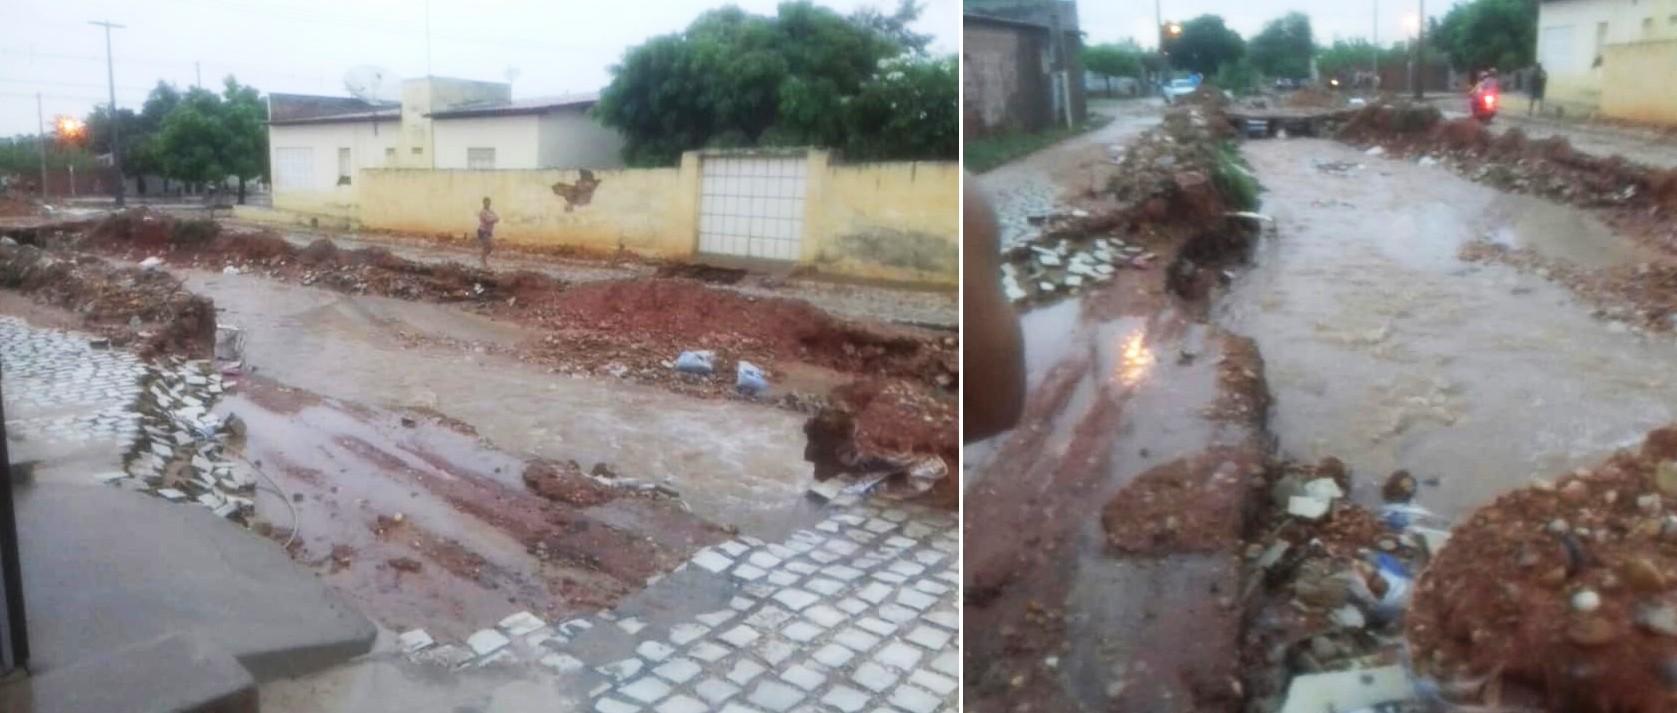 Emparn registra chuvas em 96 cidades; Em Assu, enxurrada leva calçamento e água invade casas